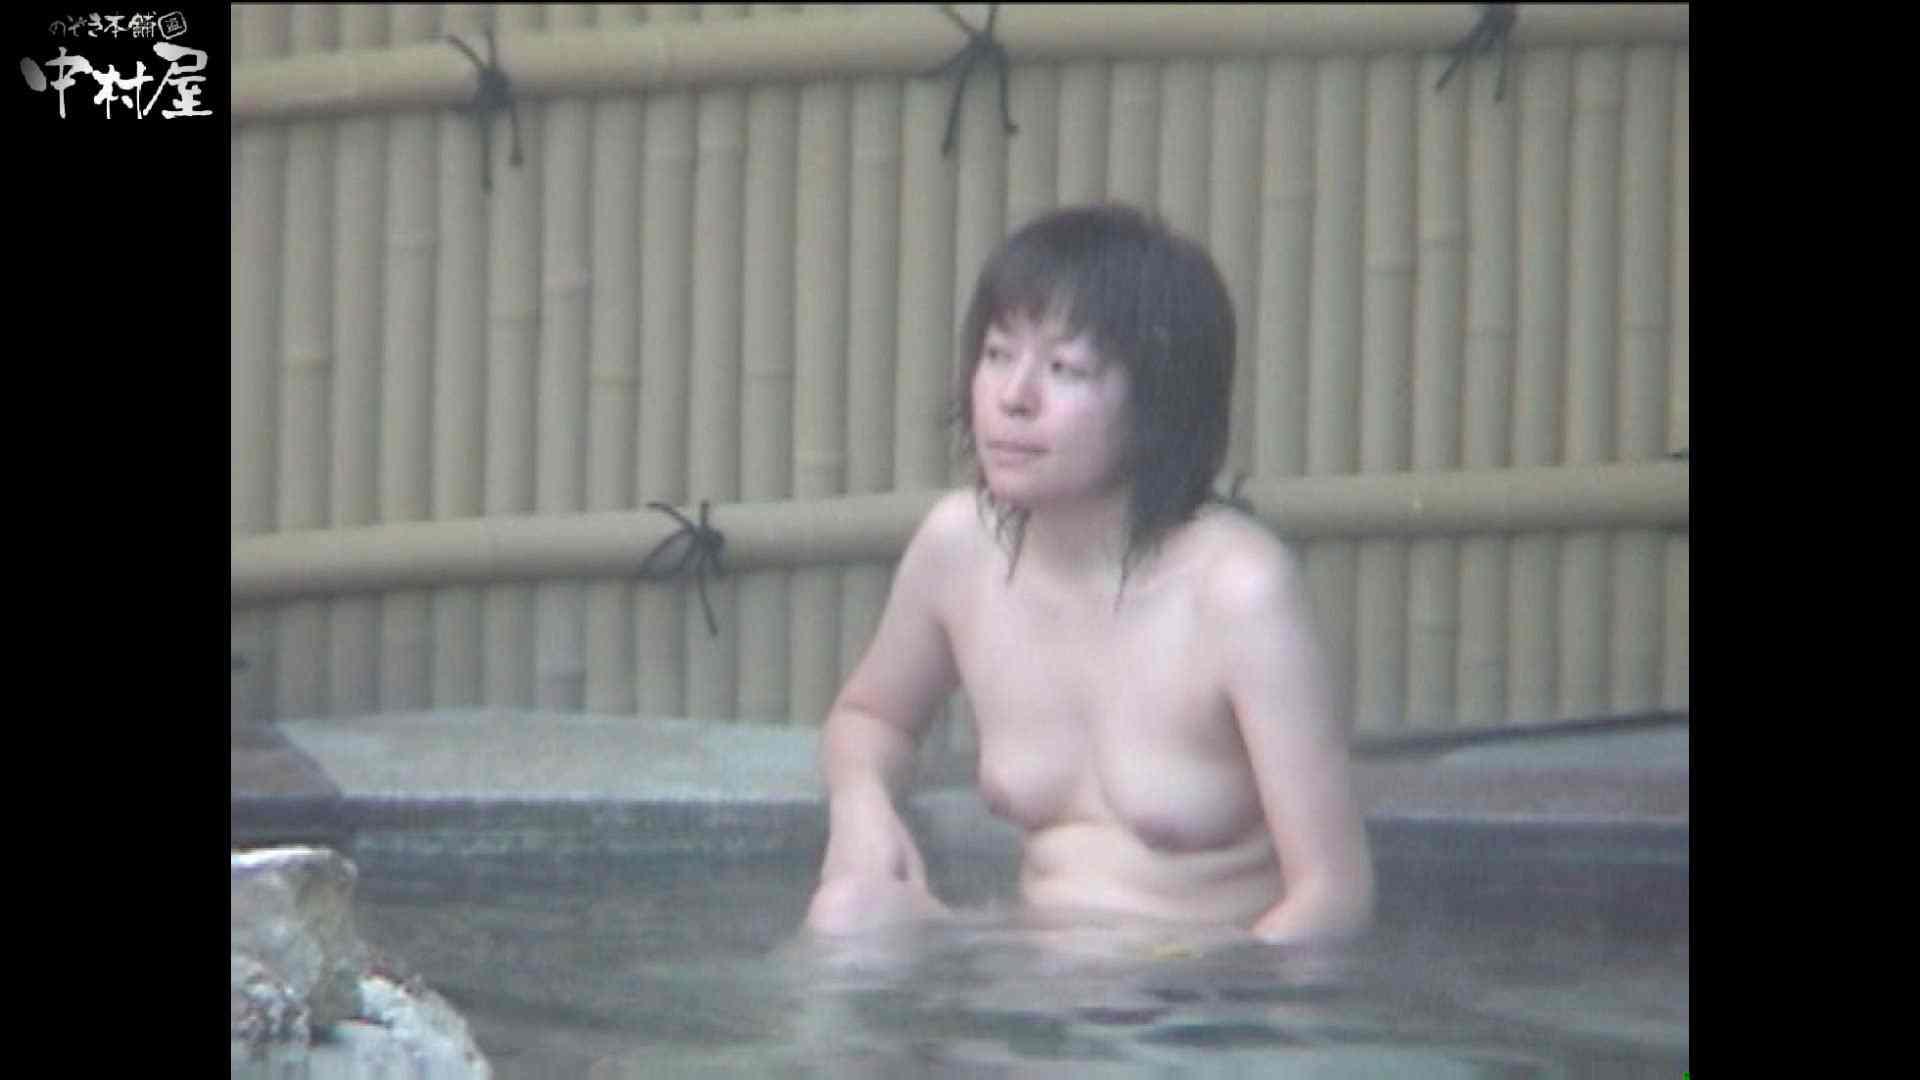 Aquaな露天風呂Vol.985 盗撮シリーズ  99PIX 68